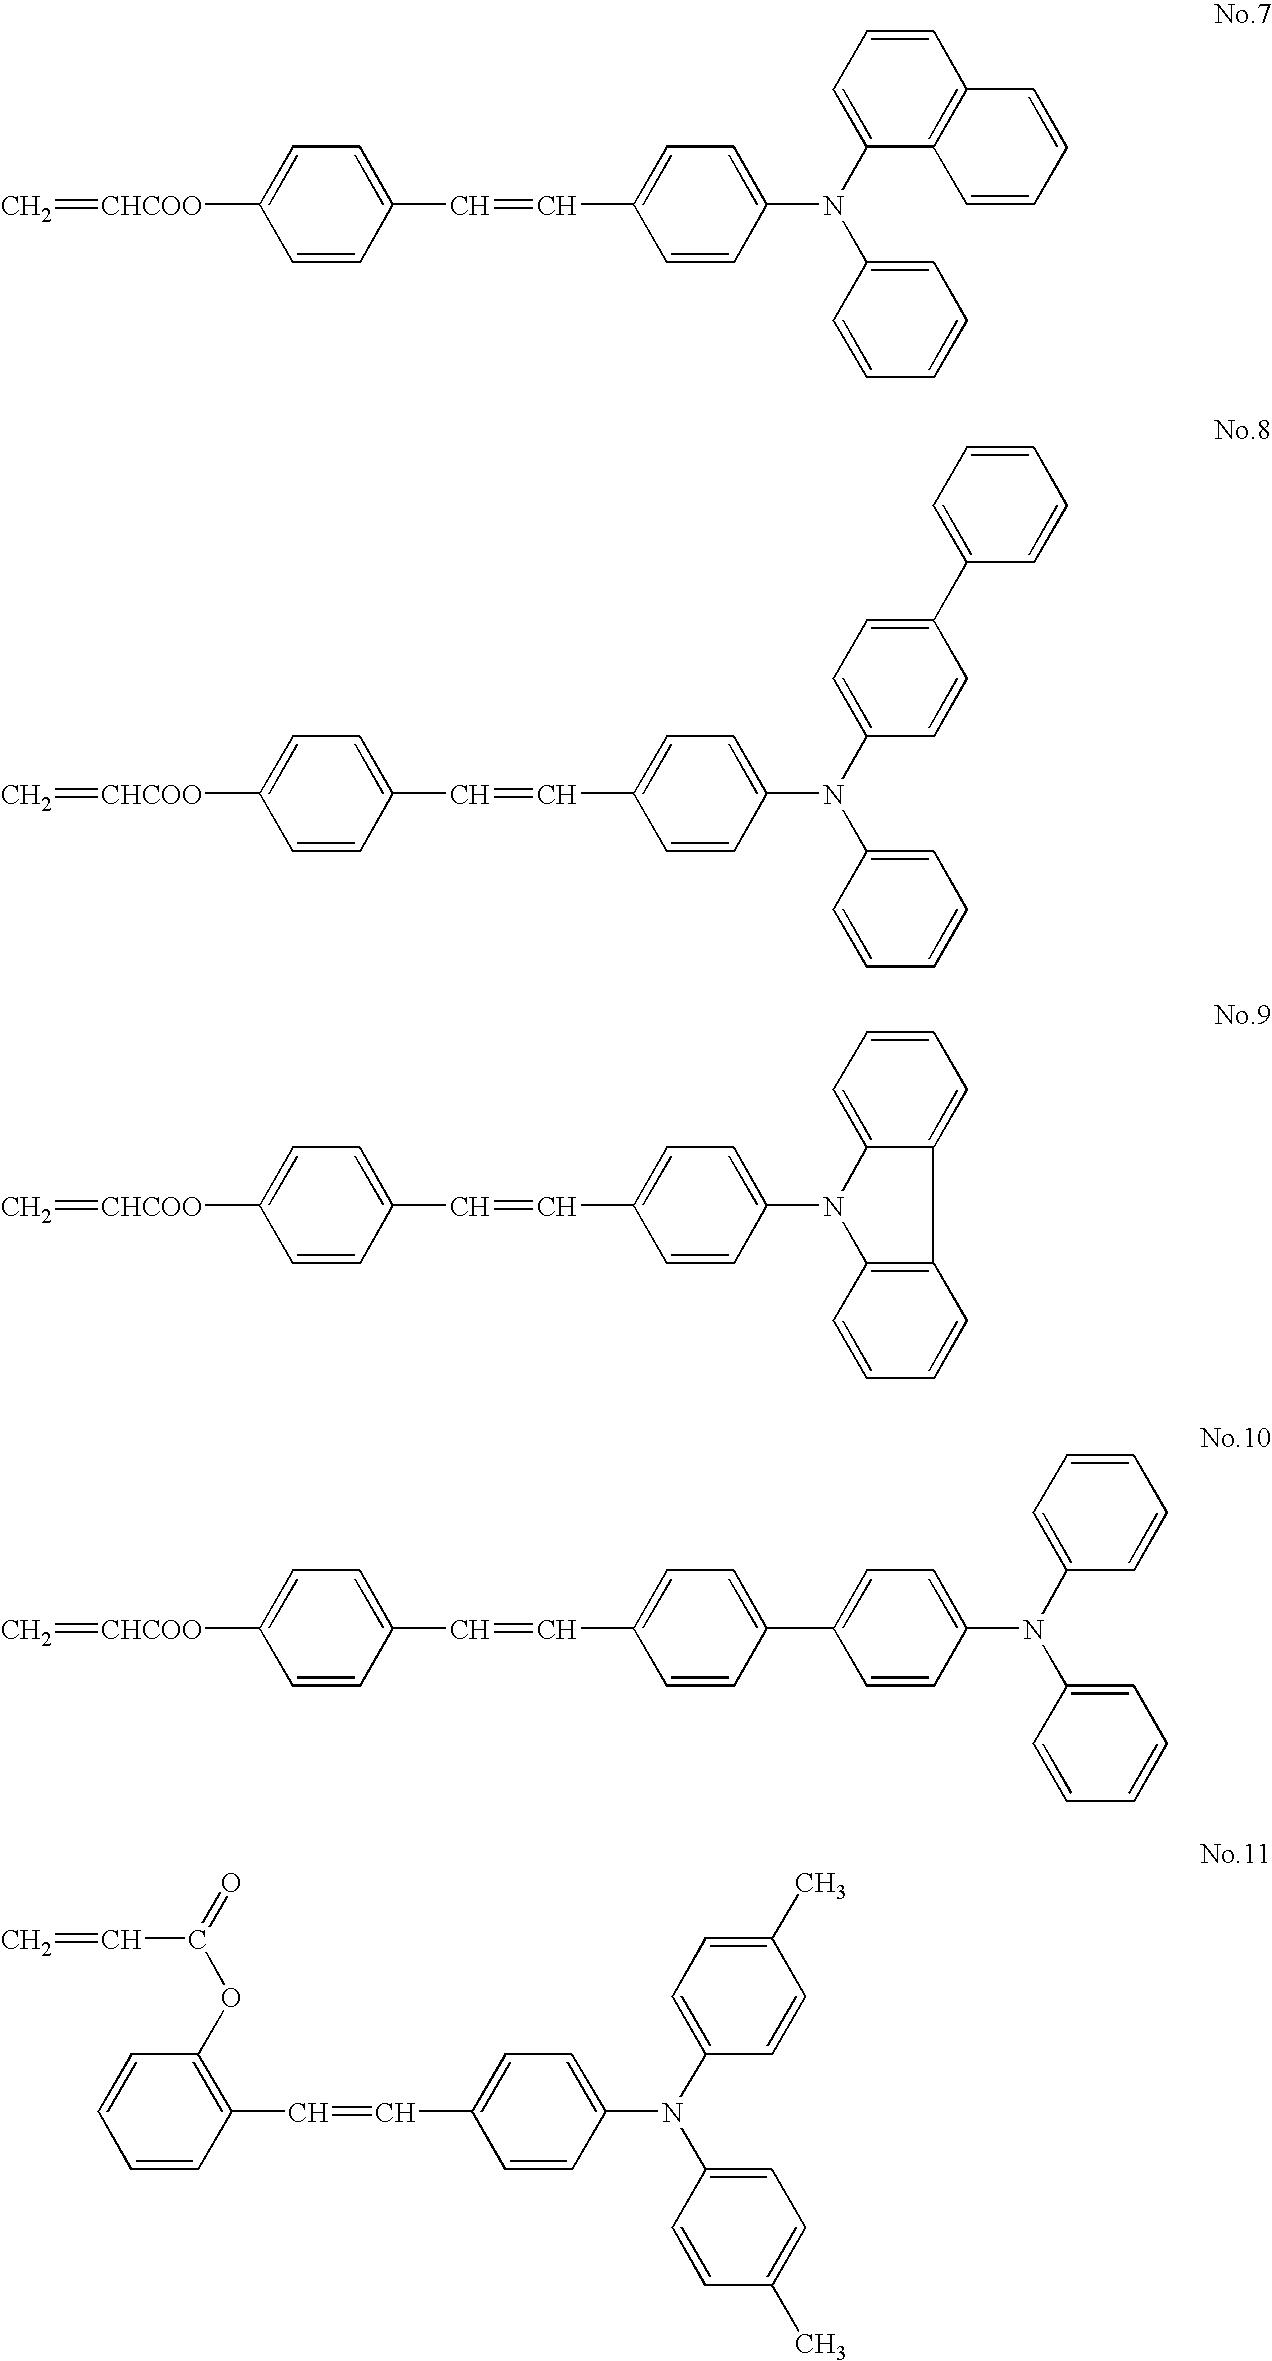 Figure US20060078809A1-20060413-C00007